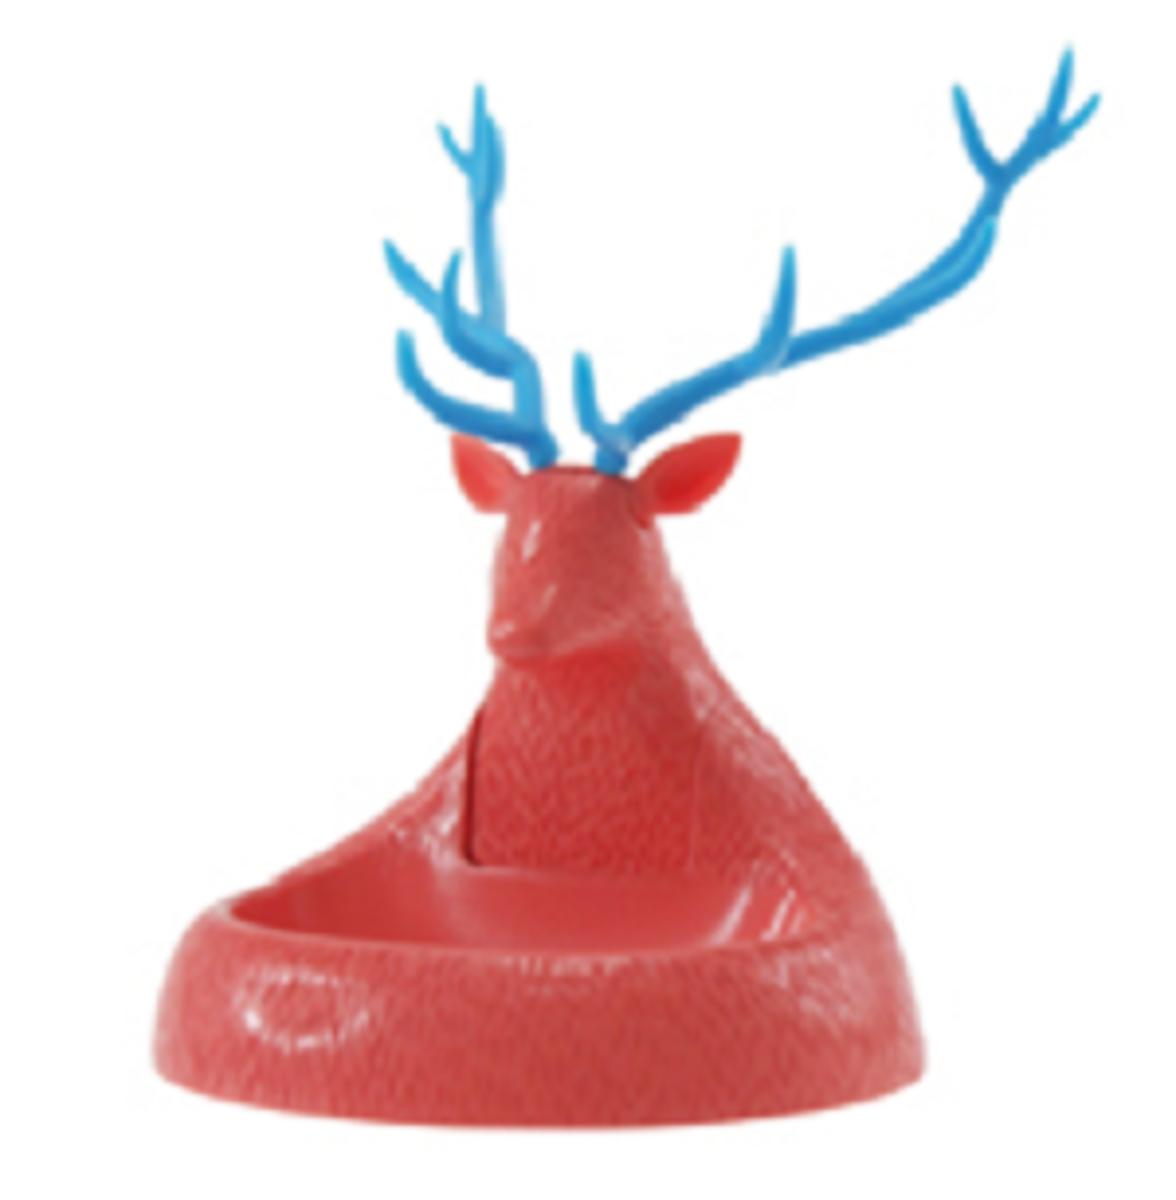 紅鹿形萬字夾座